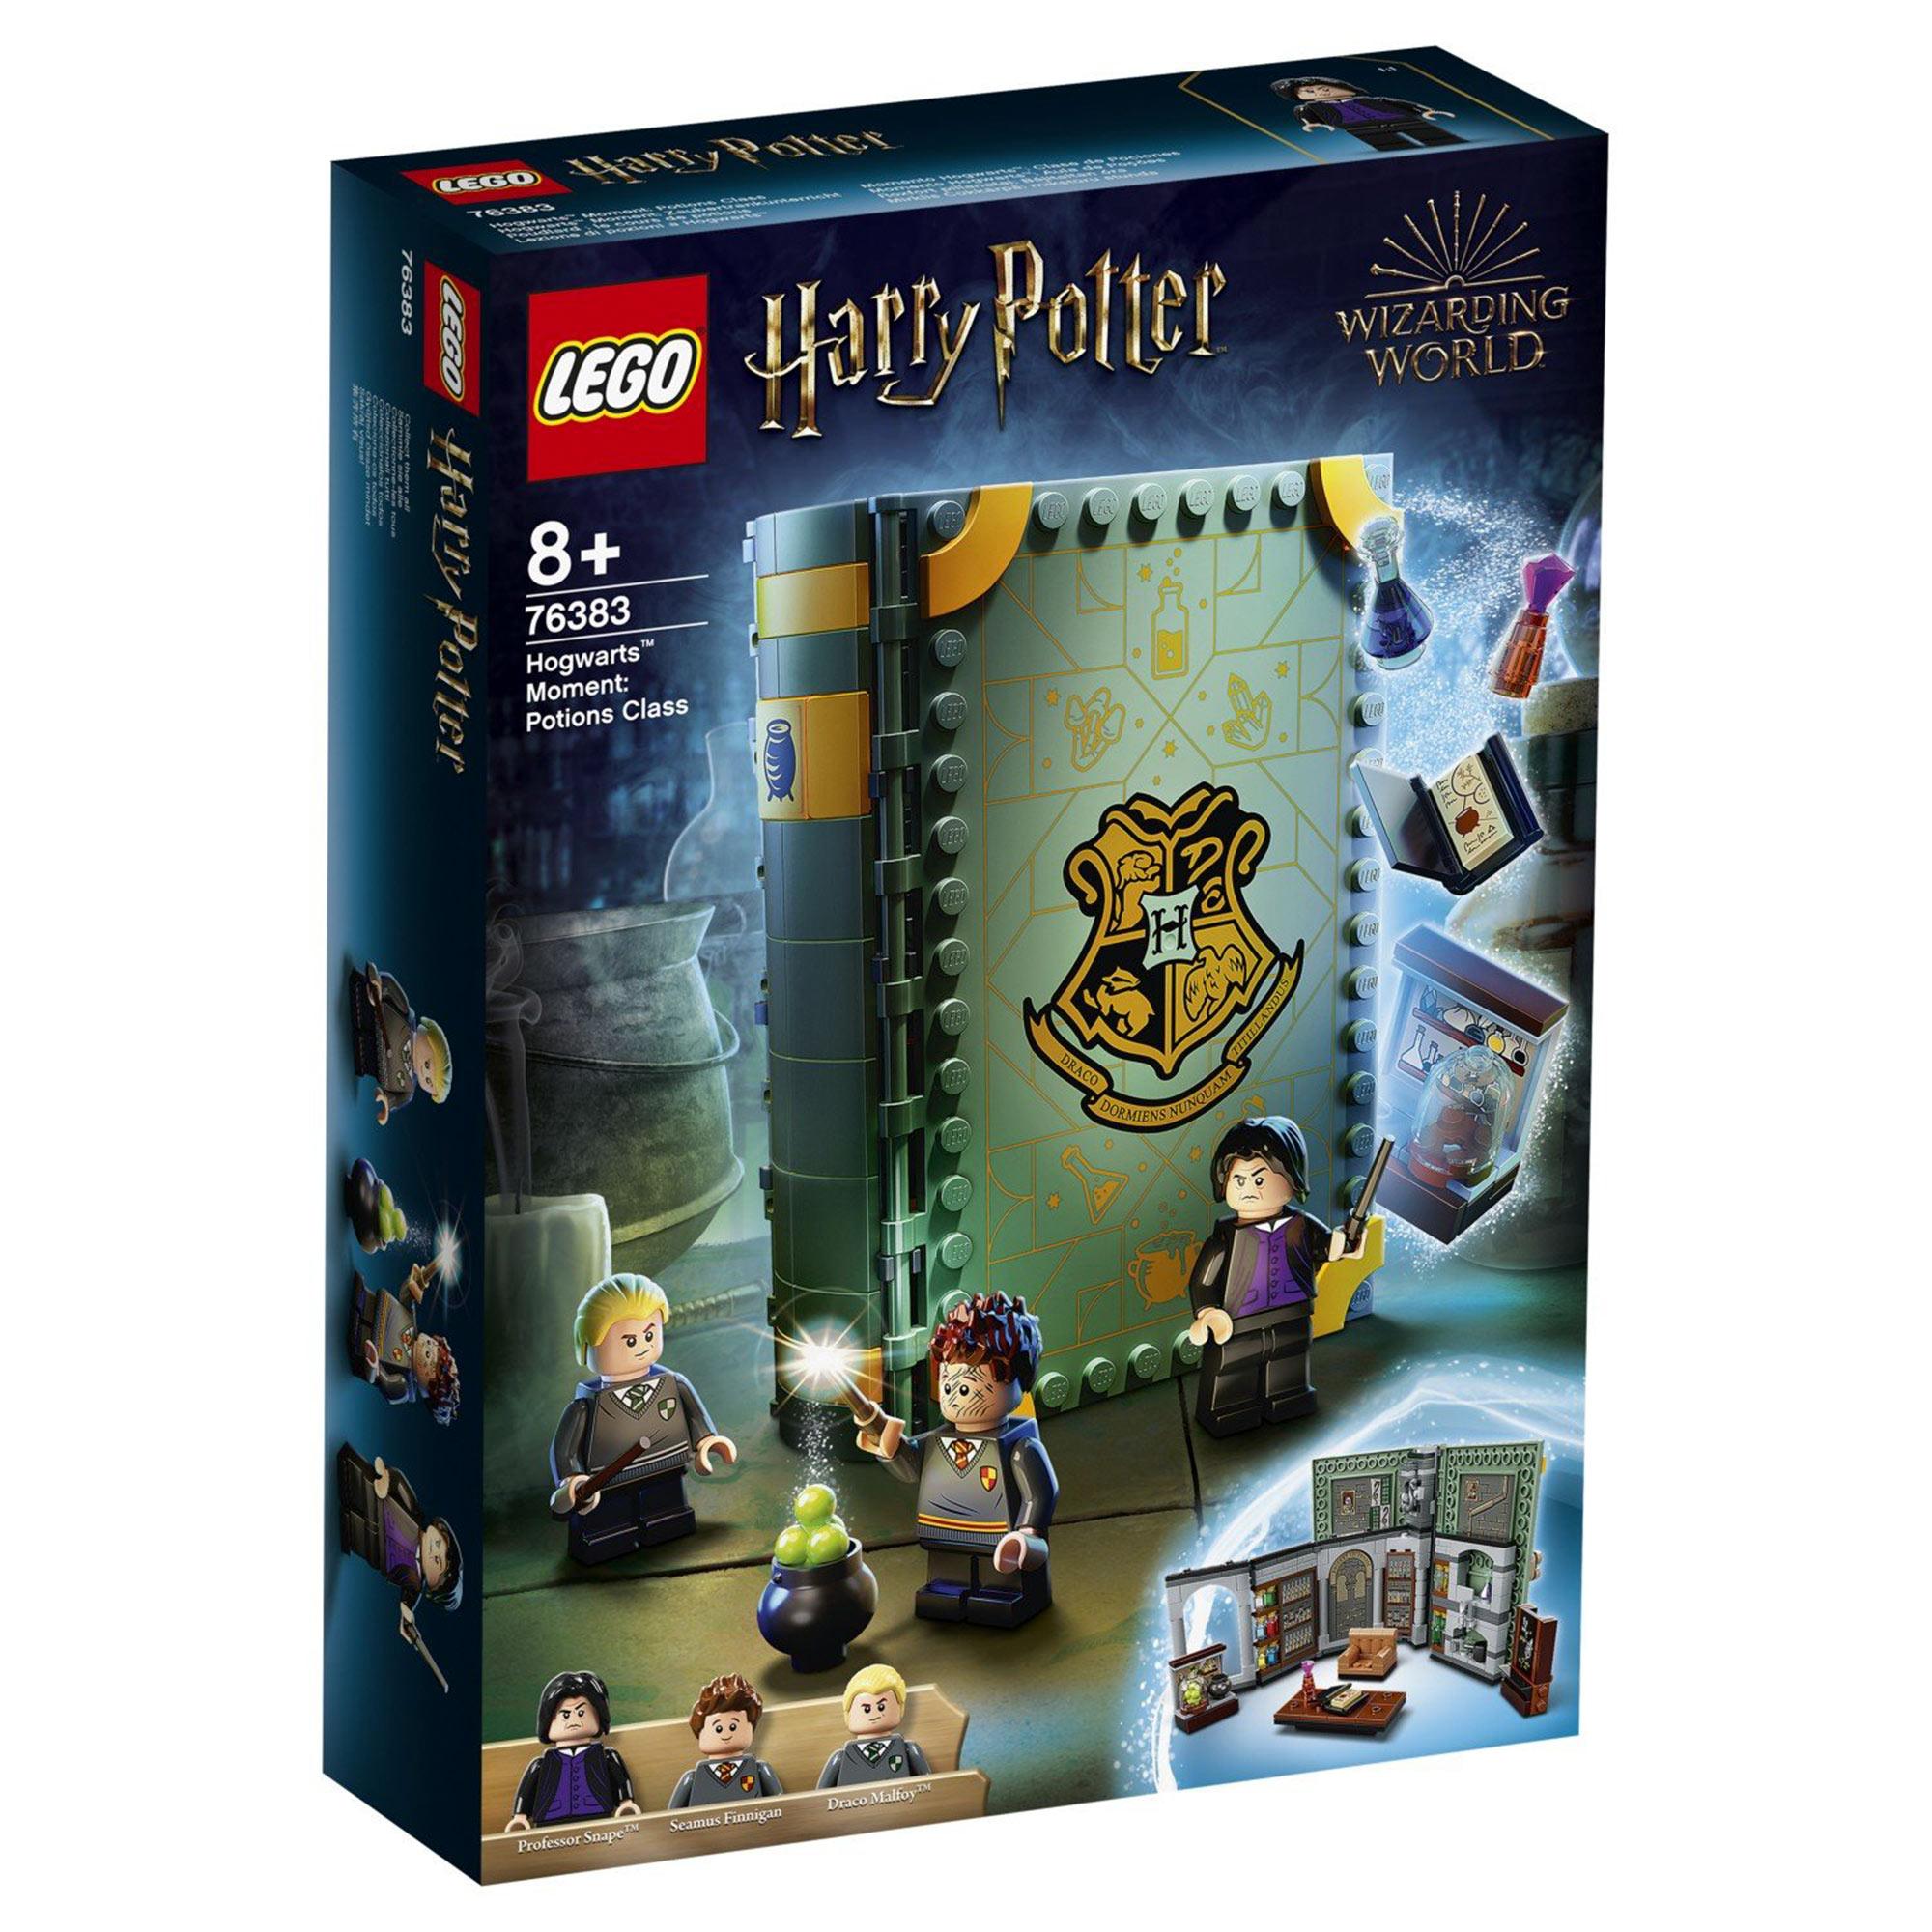 Конструктор Lego Harry Potter Учёба в Хогвартсе: Урок зельеварения конструктор lego harry potter tm 75967 запретный лес грохх и долорес амбридж